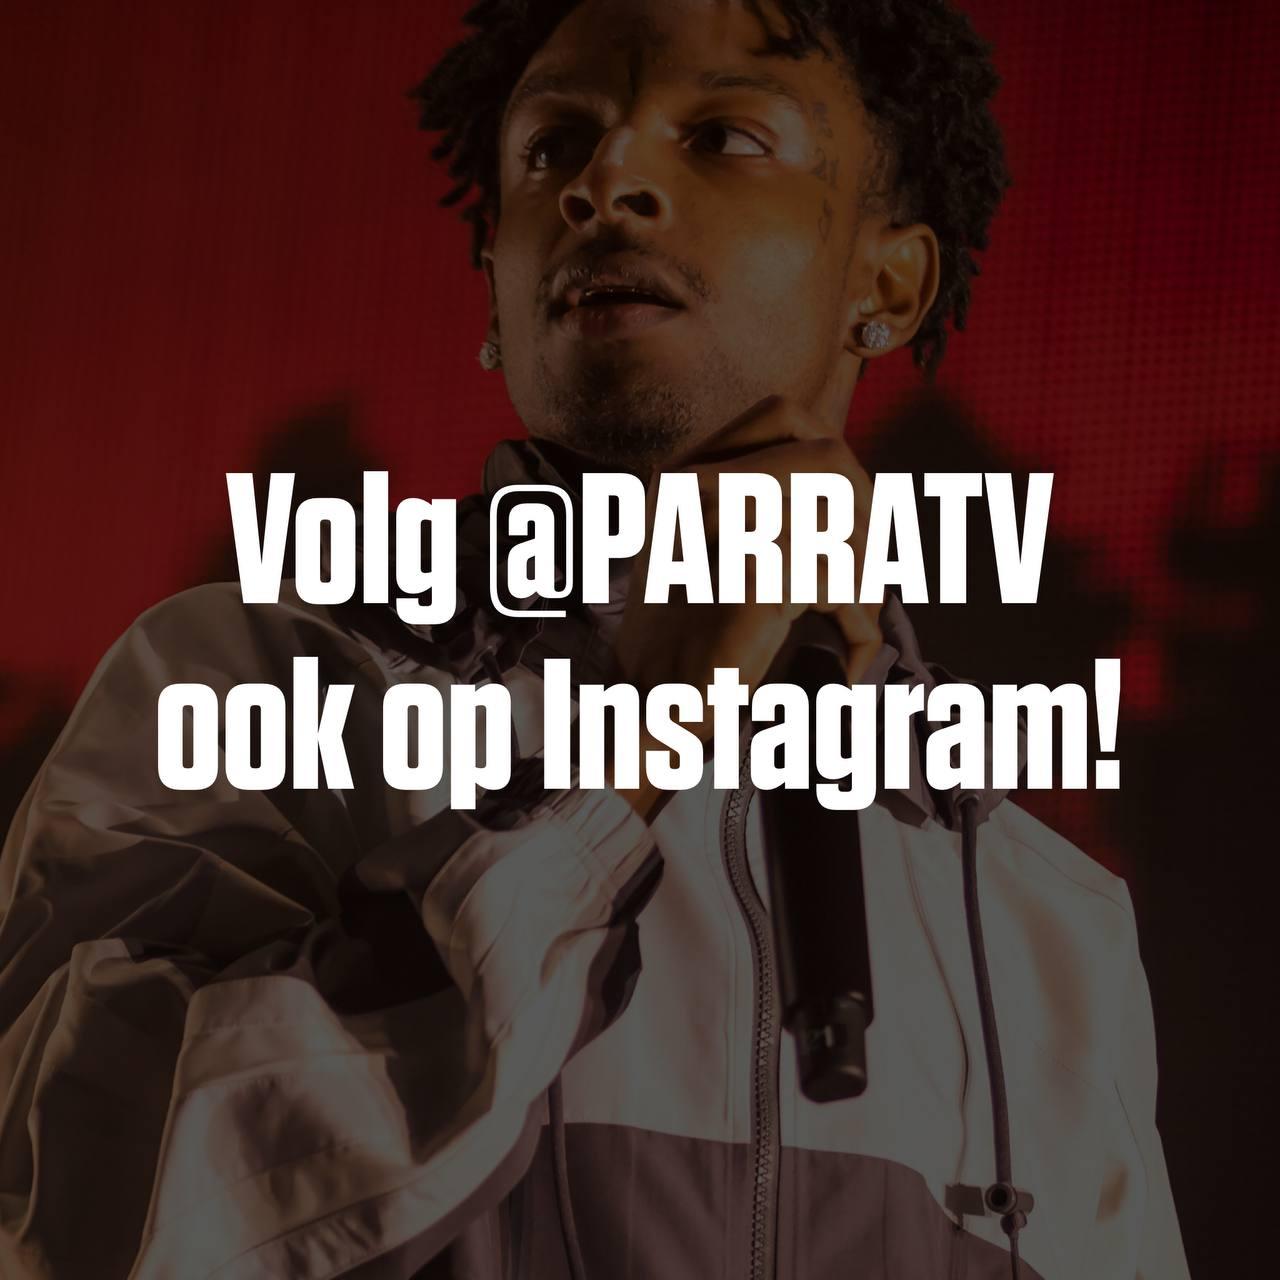 parratv volgen op instagram